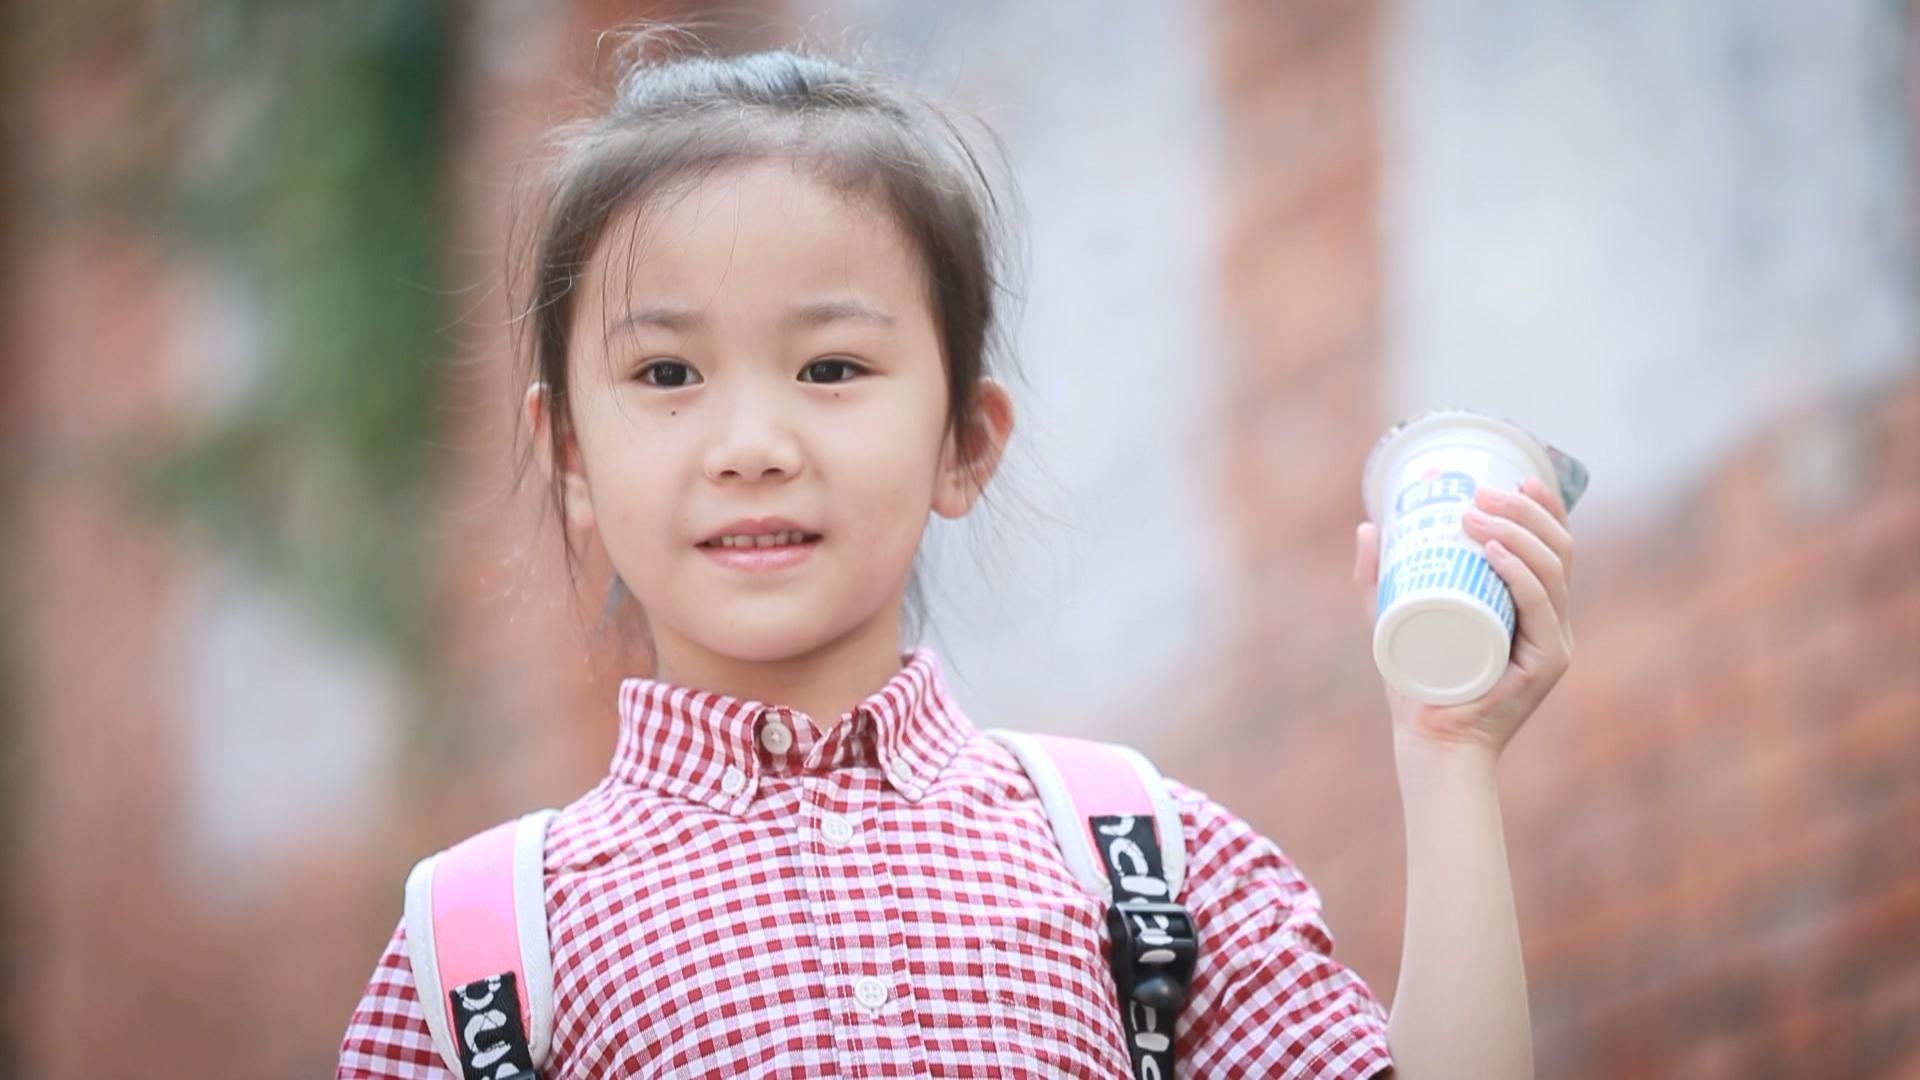 【喜旺科普】专家专栏 —— 青少年到底应该喝什么牛奶